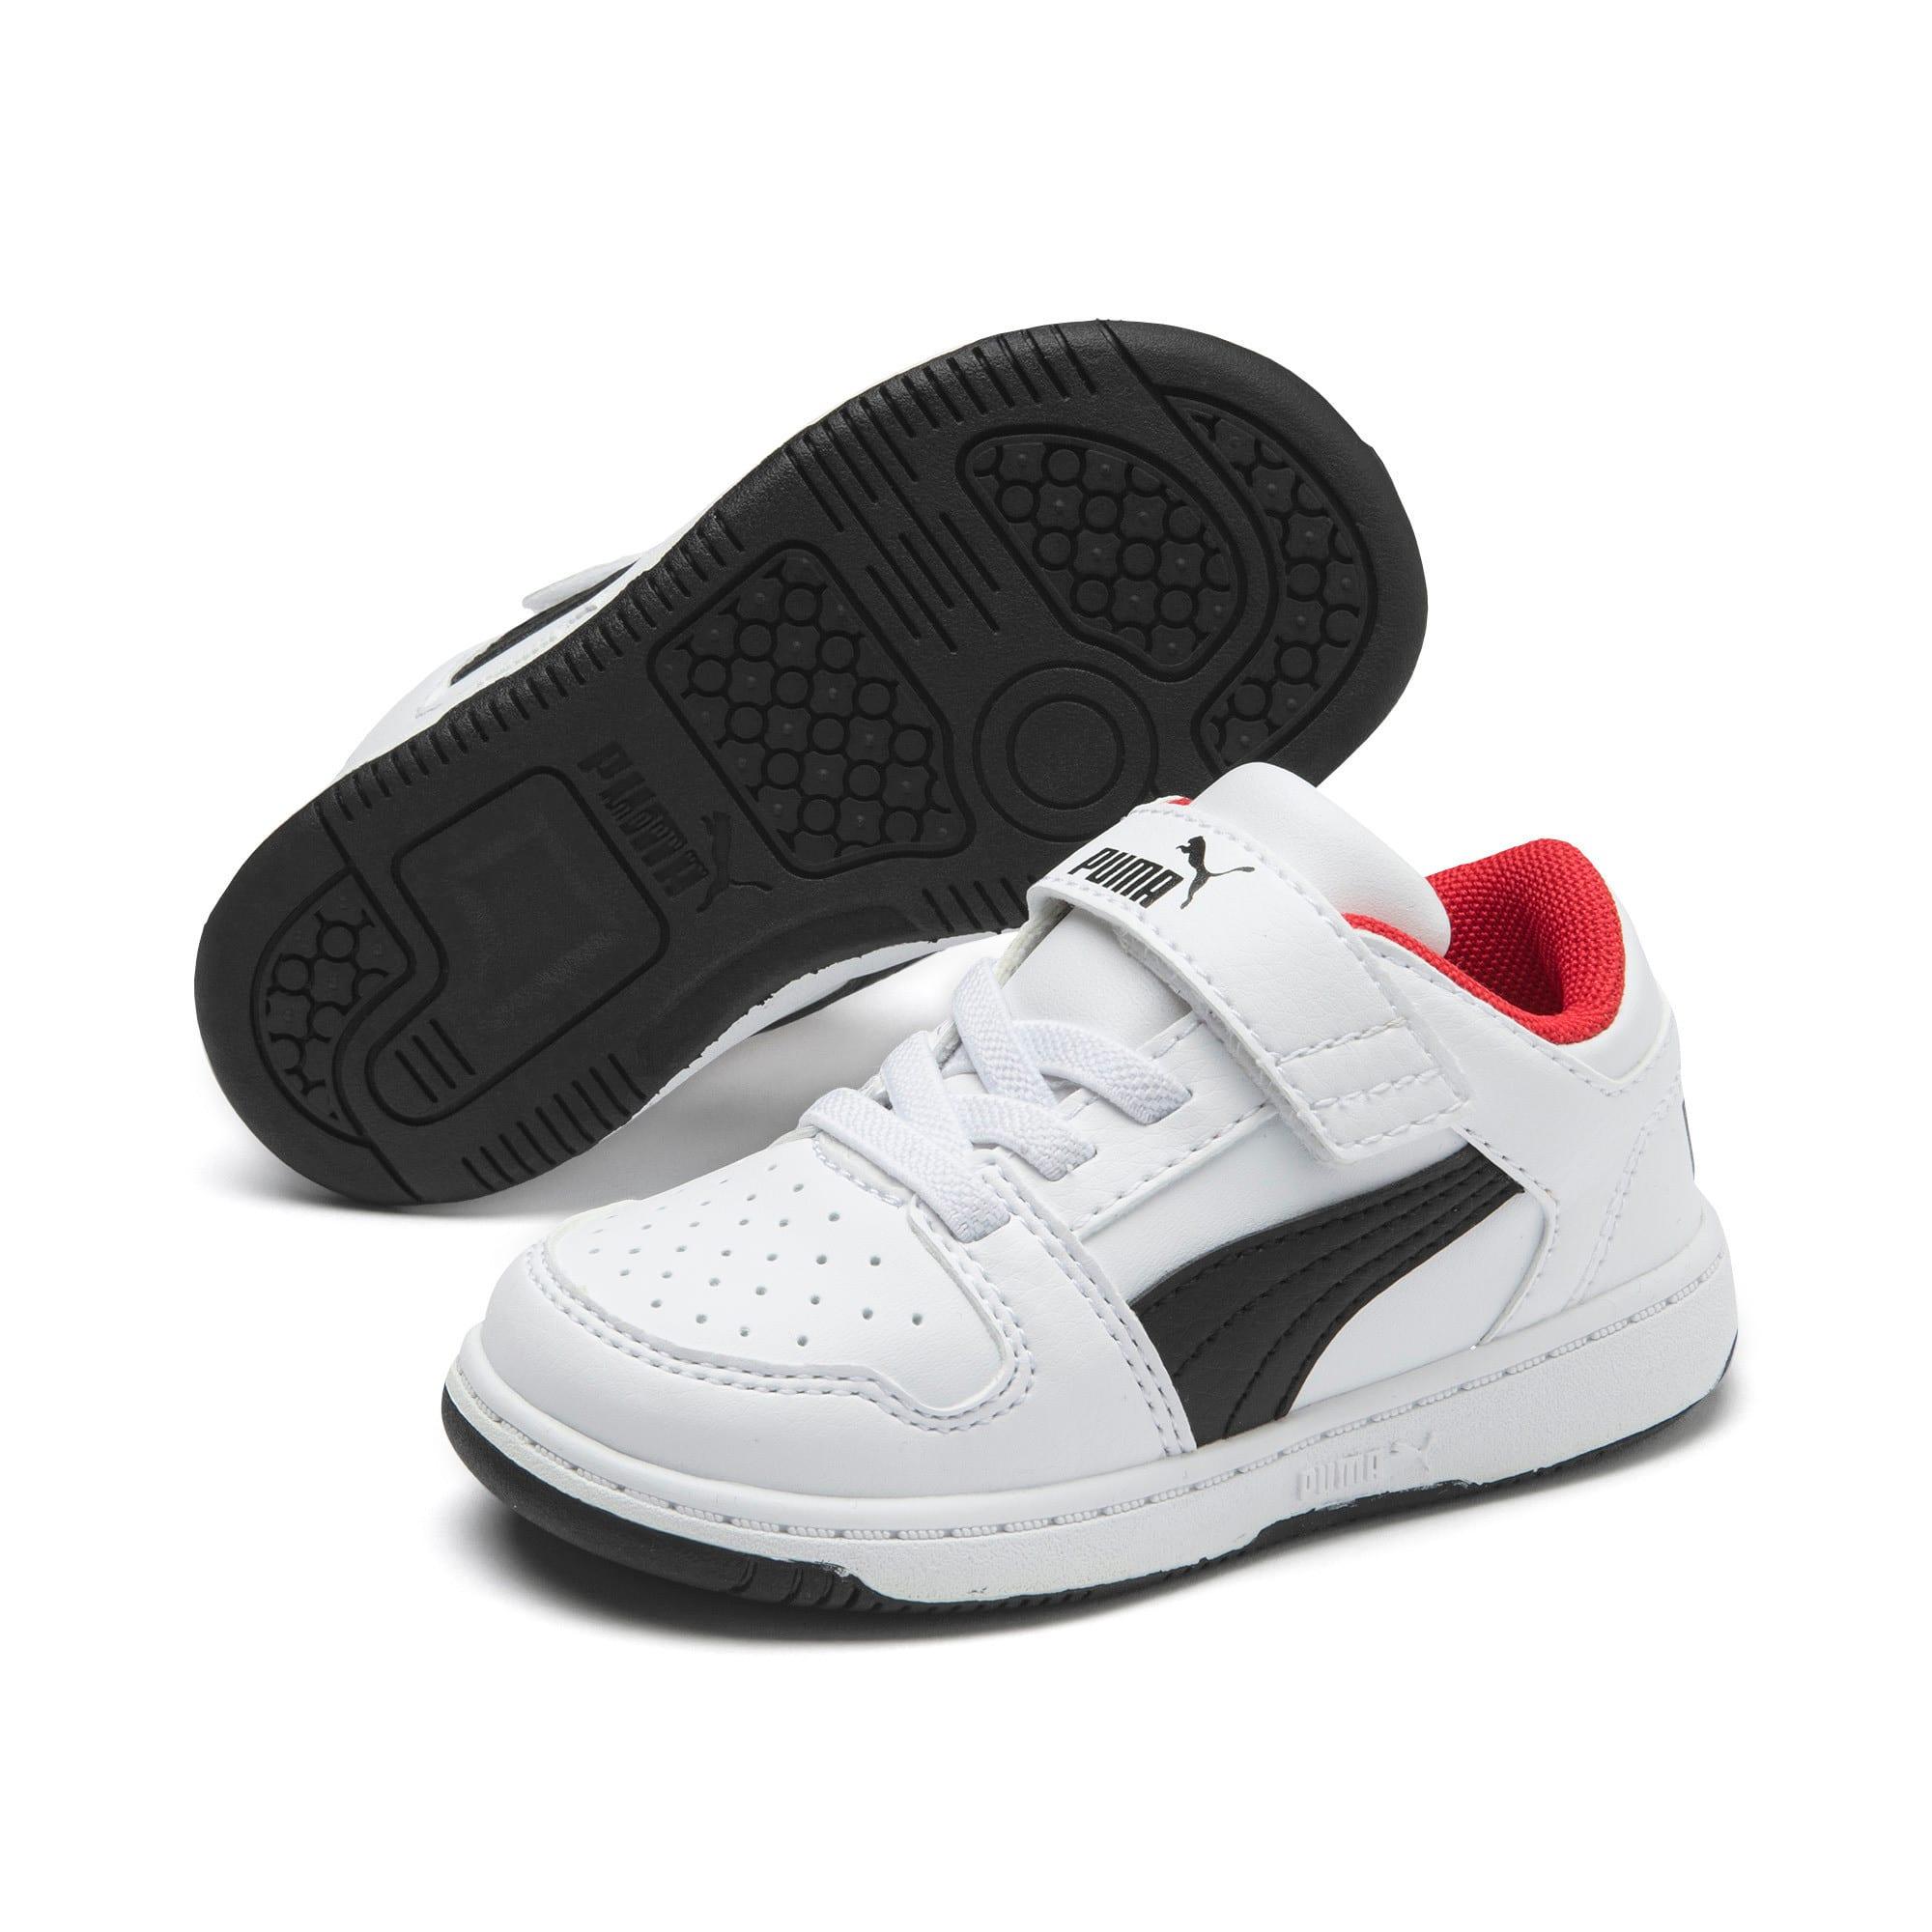 Miniatura 2 de Zapatos deportivos PUMA Rebound LayUp Lo para INF, Puma White-Puma Black-Red, mediano